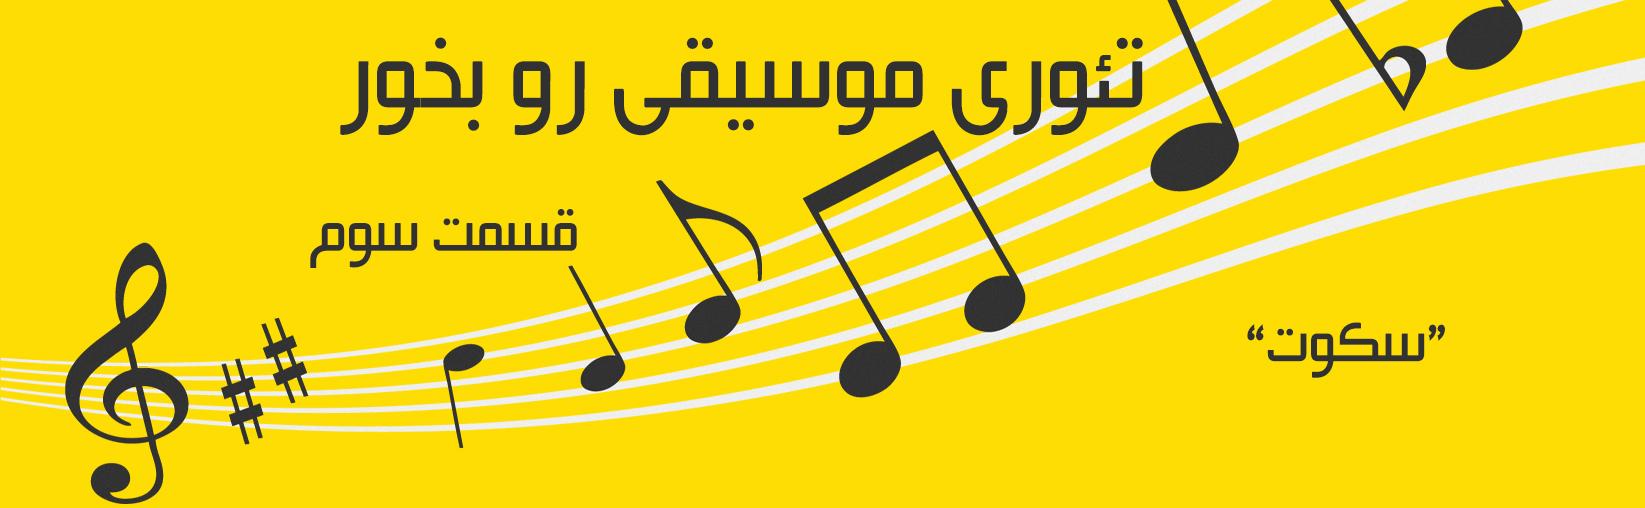 موسیقی رو بخور_قسمت3